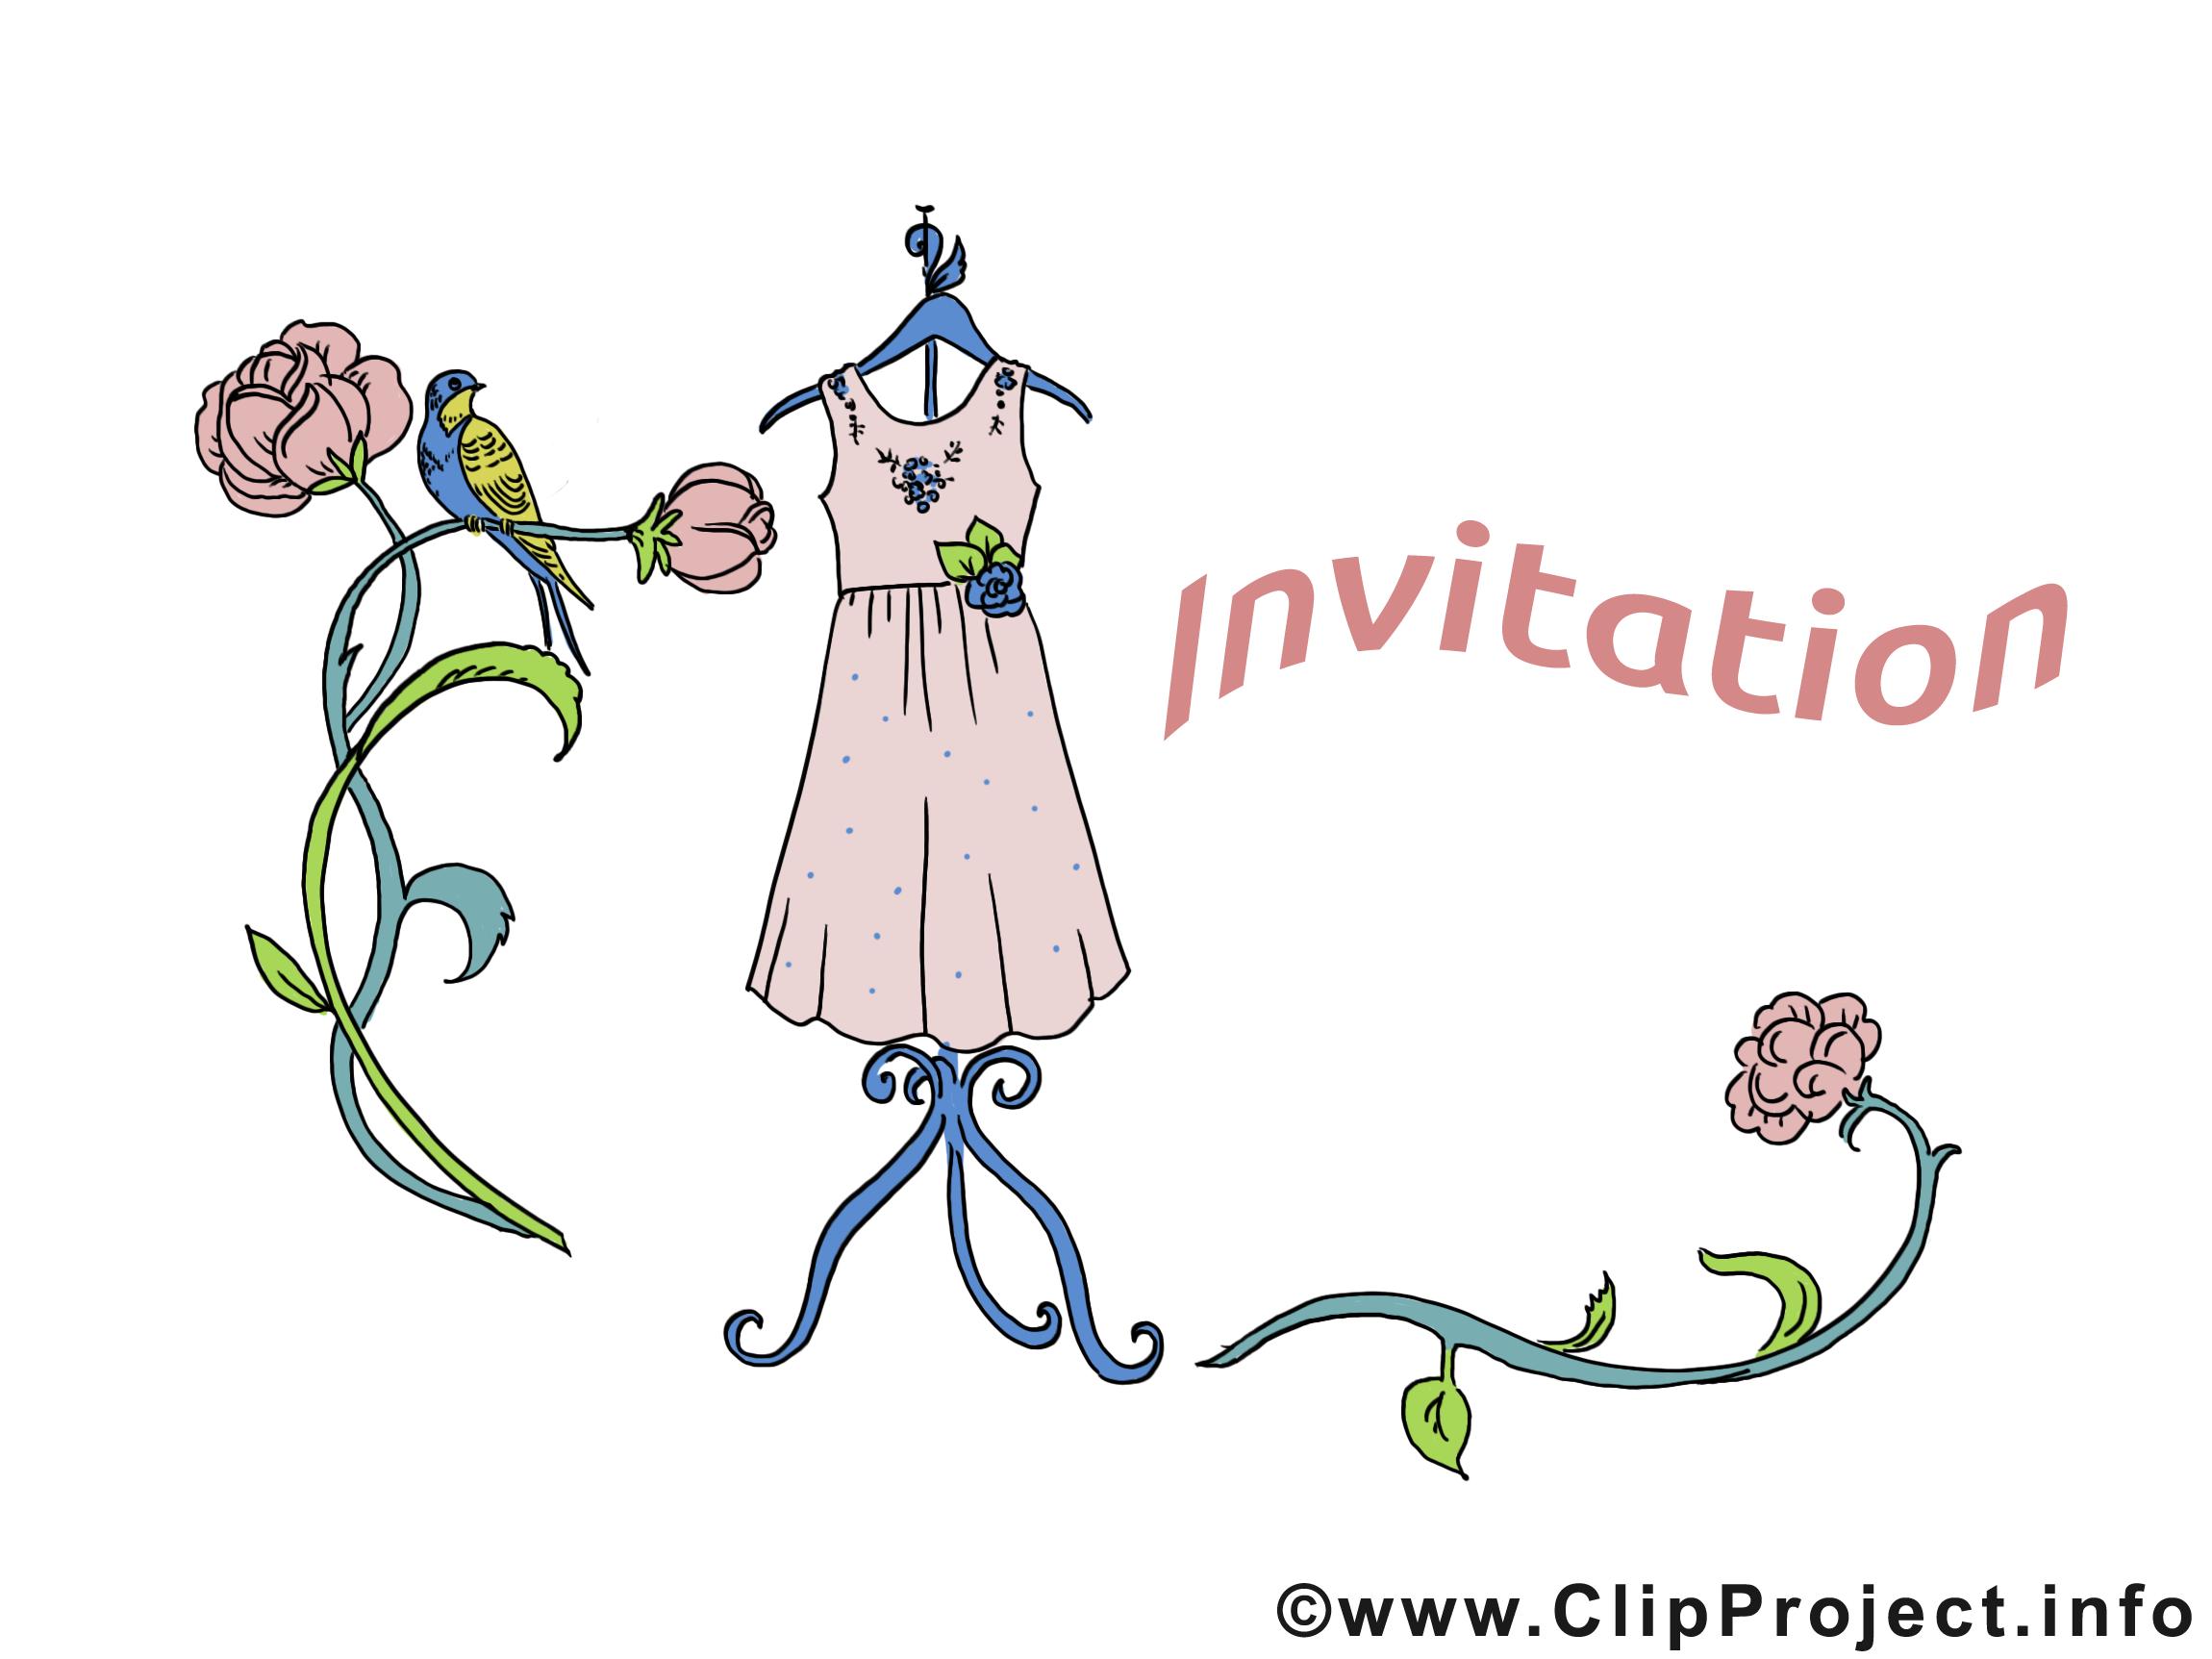 Robe fleurs images gratuites – Invitation clipart